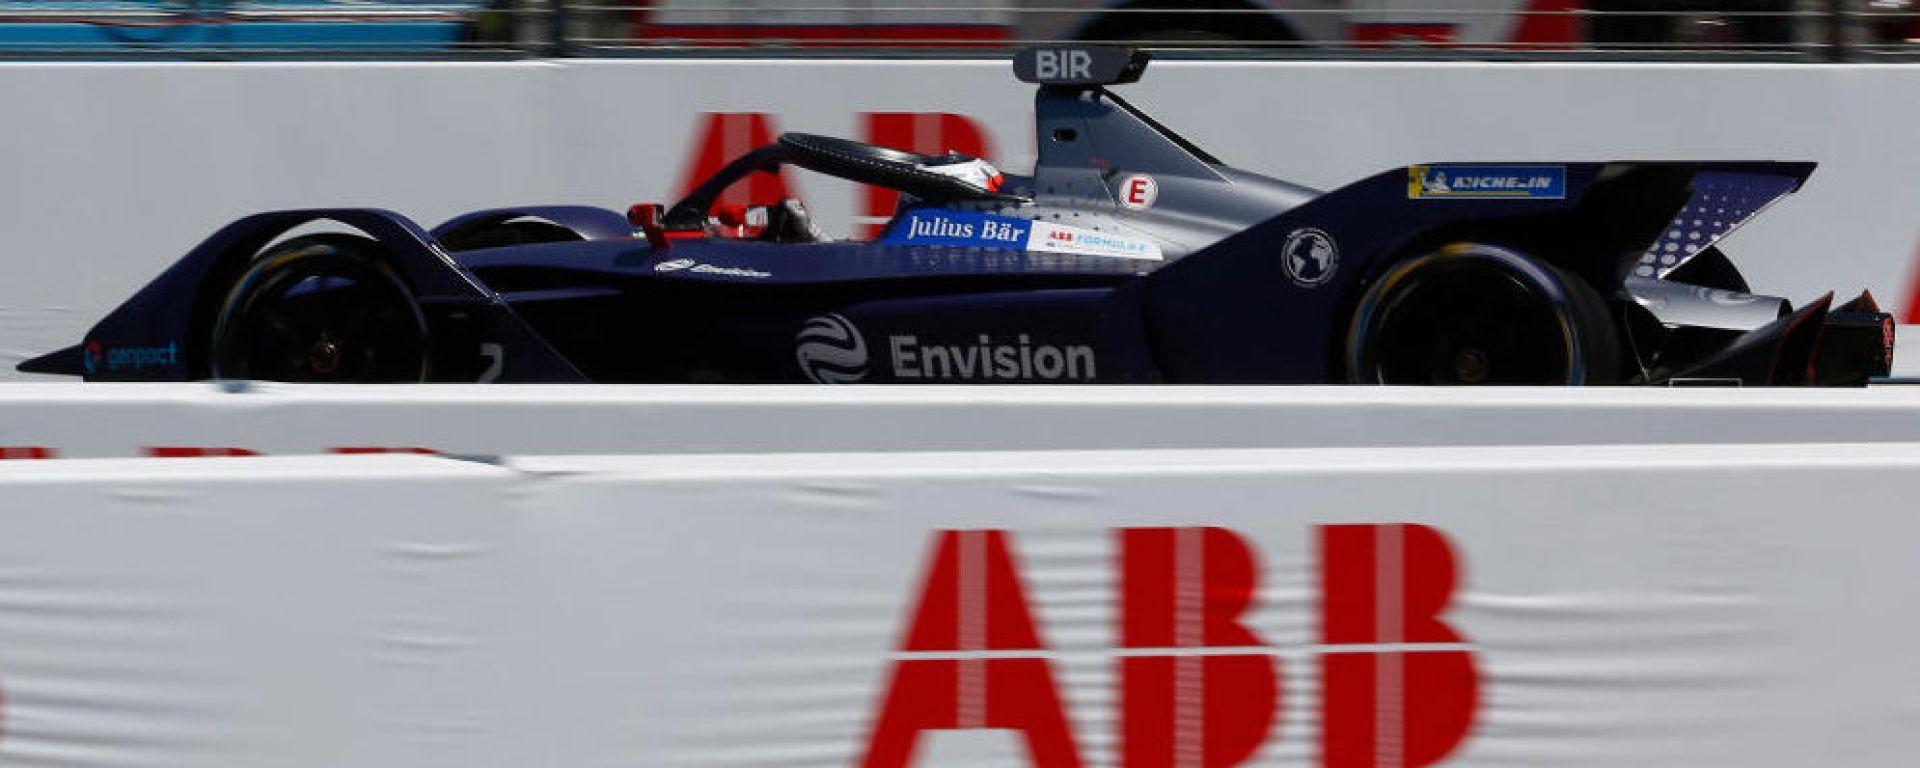 Bird conquista il GP del Cile